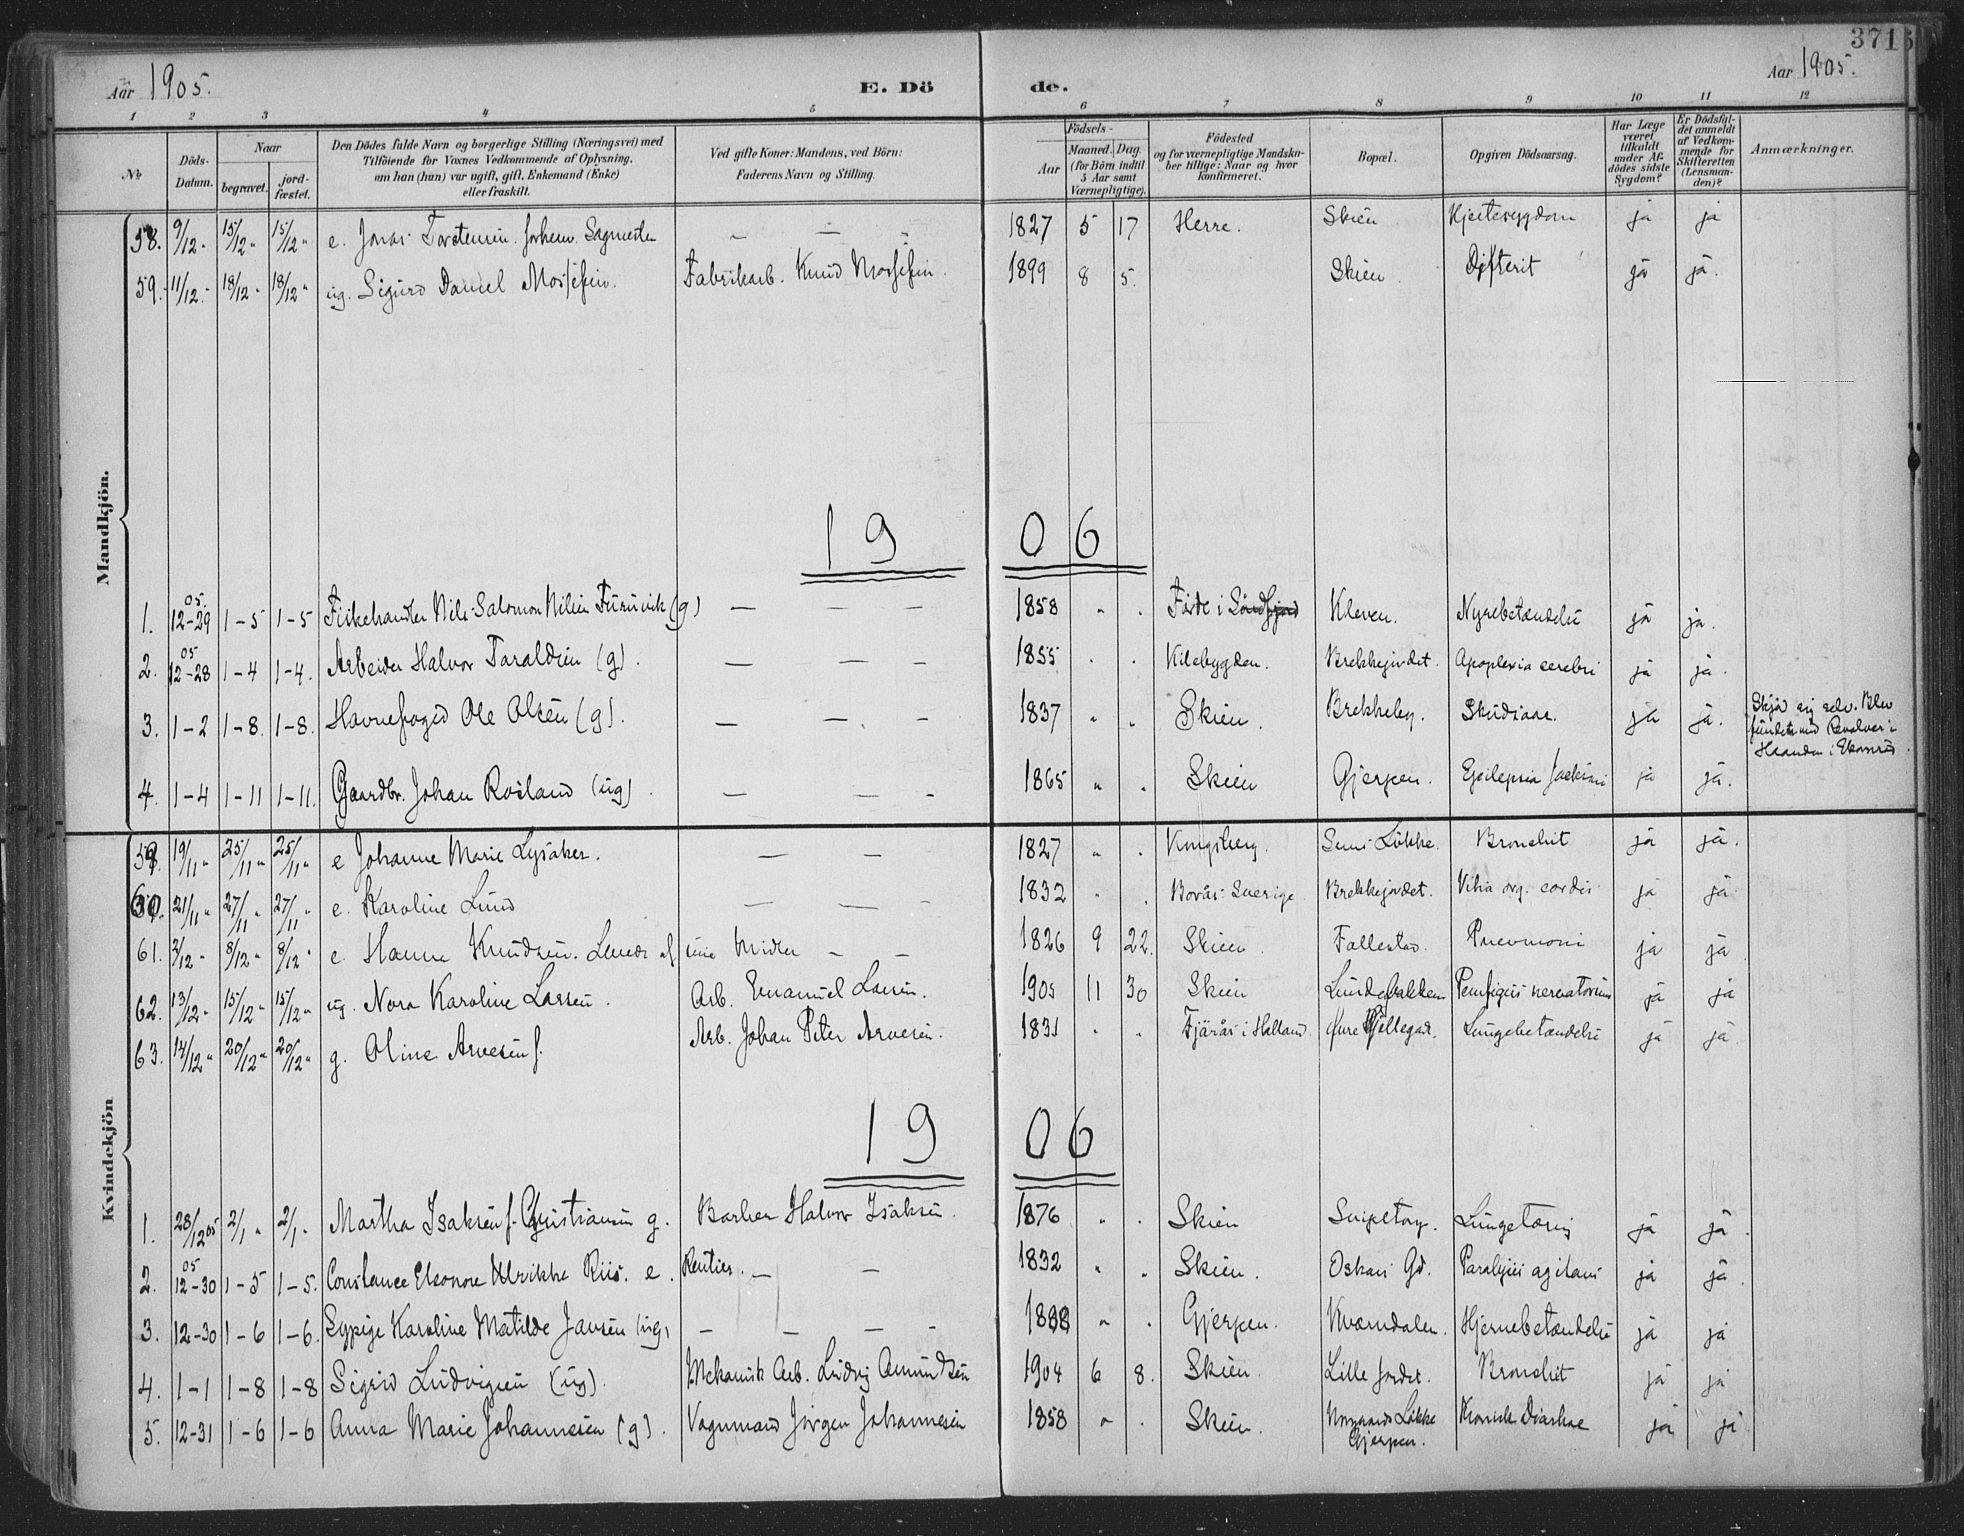 SAKO, Skien kirkebøker, F/Fa/L0011: Ministerialbok nr. 11, 1900-1907, s. 371